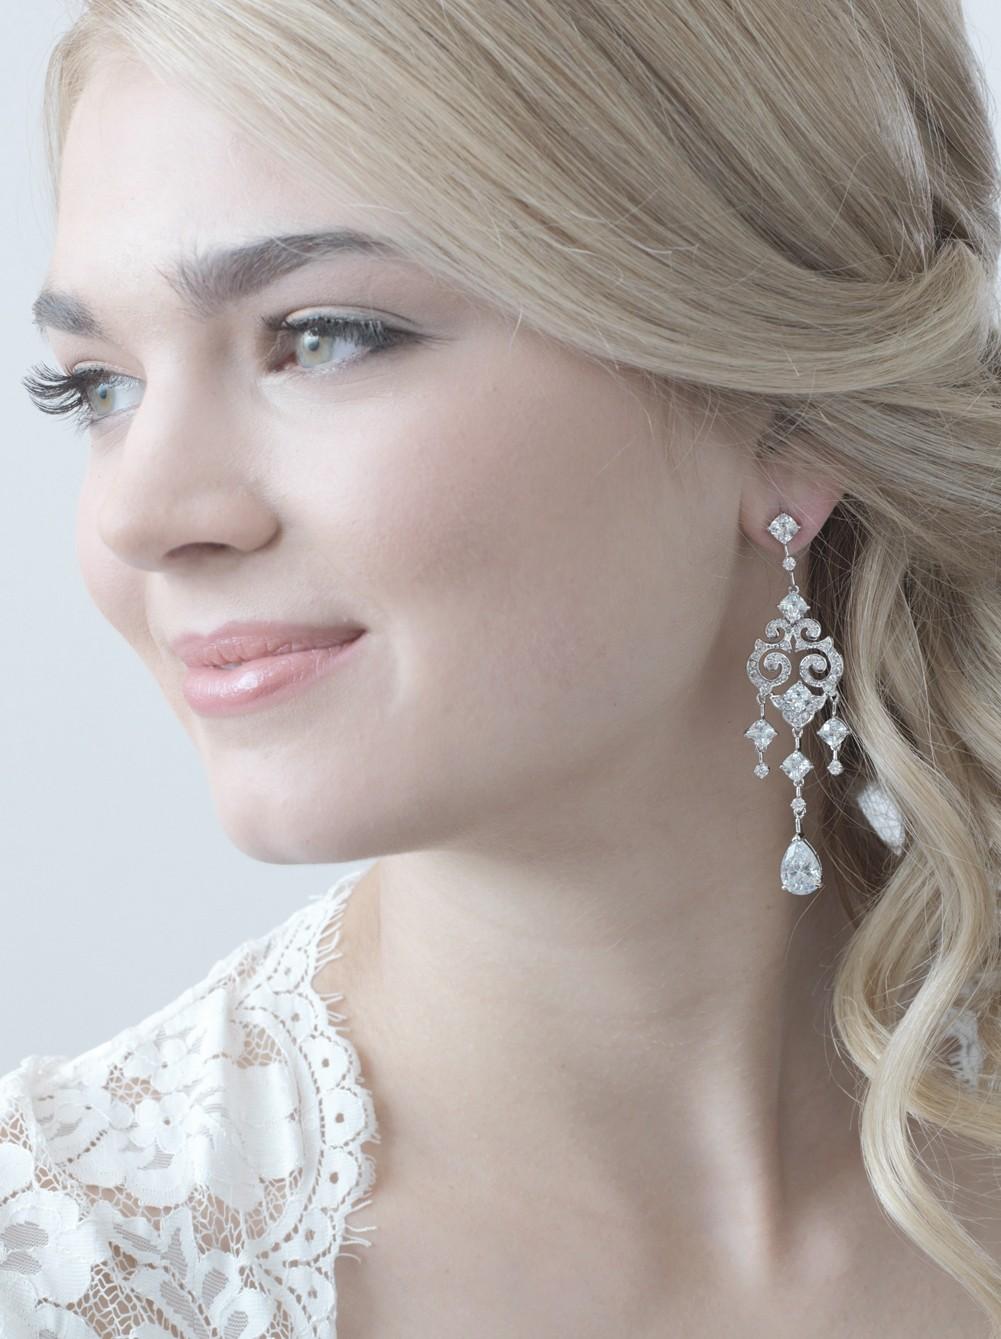 گوشواره آویز مناسب لباسهایی است که دارای یقه ای زیبا و کار شده هستند